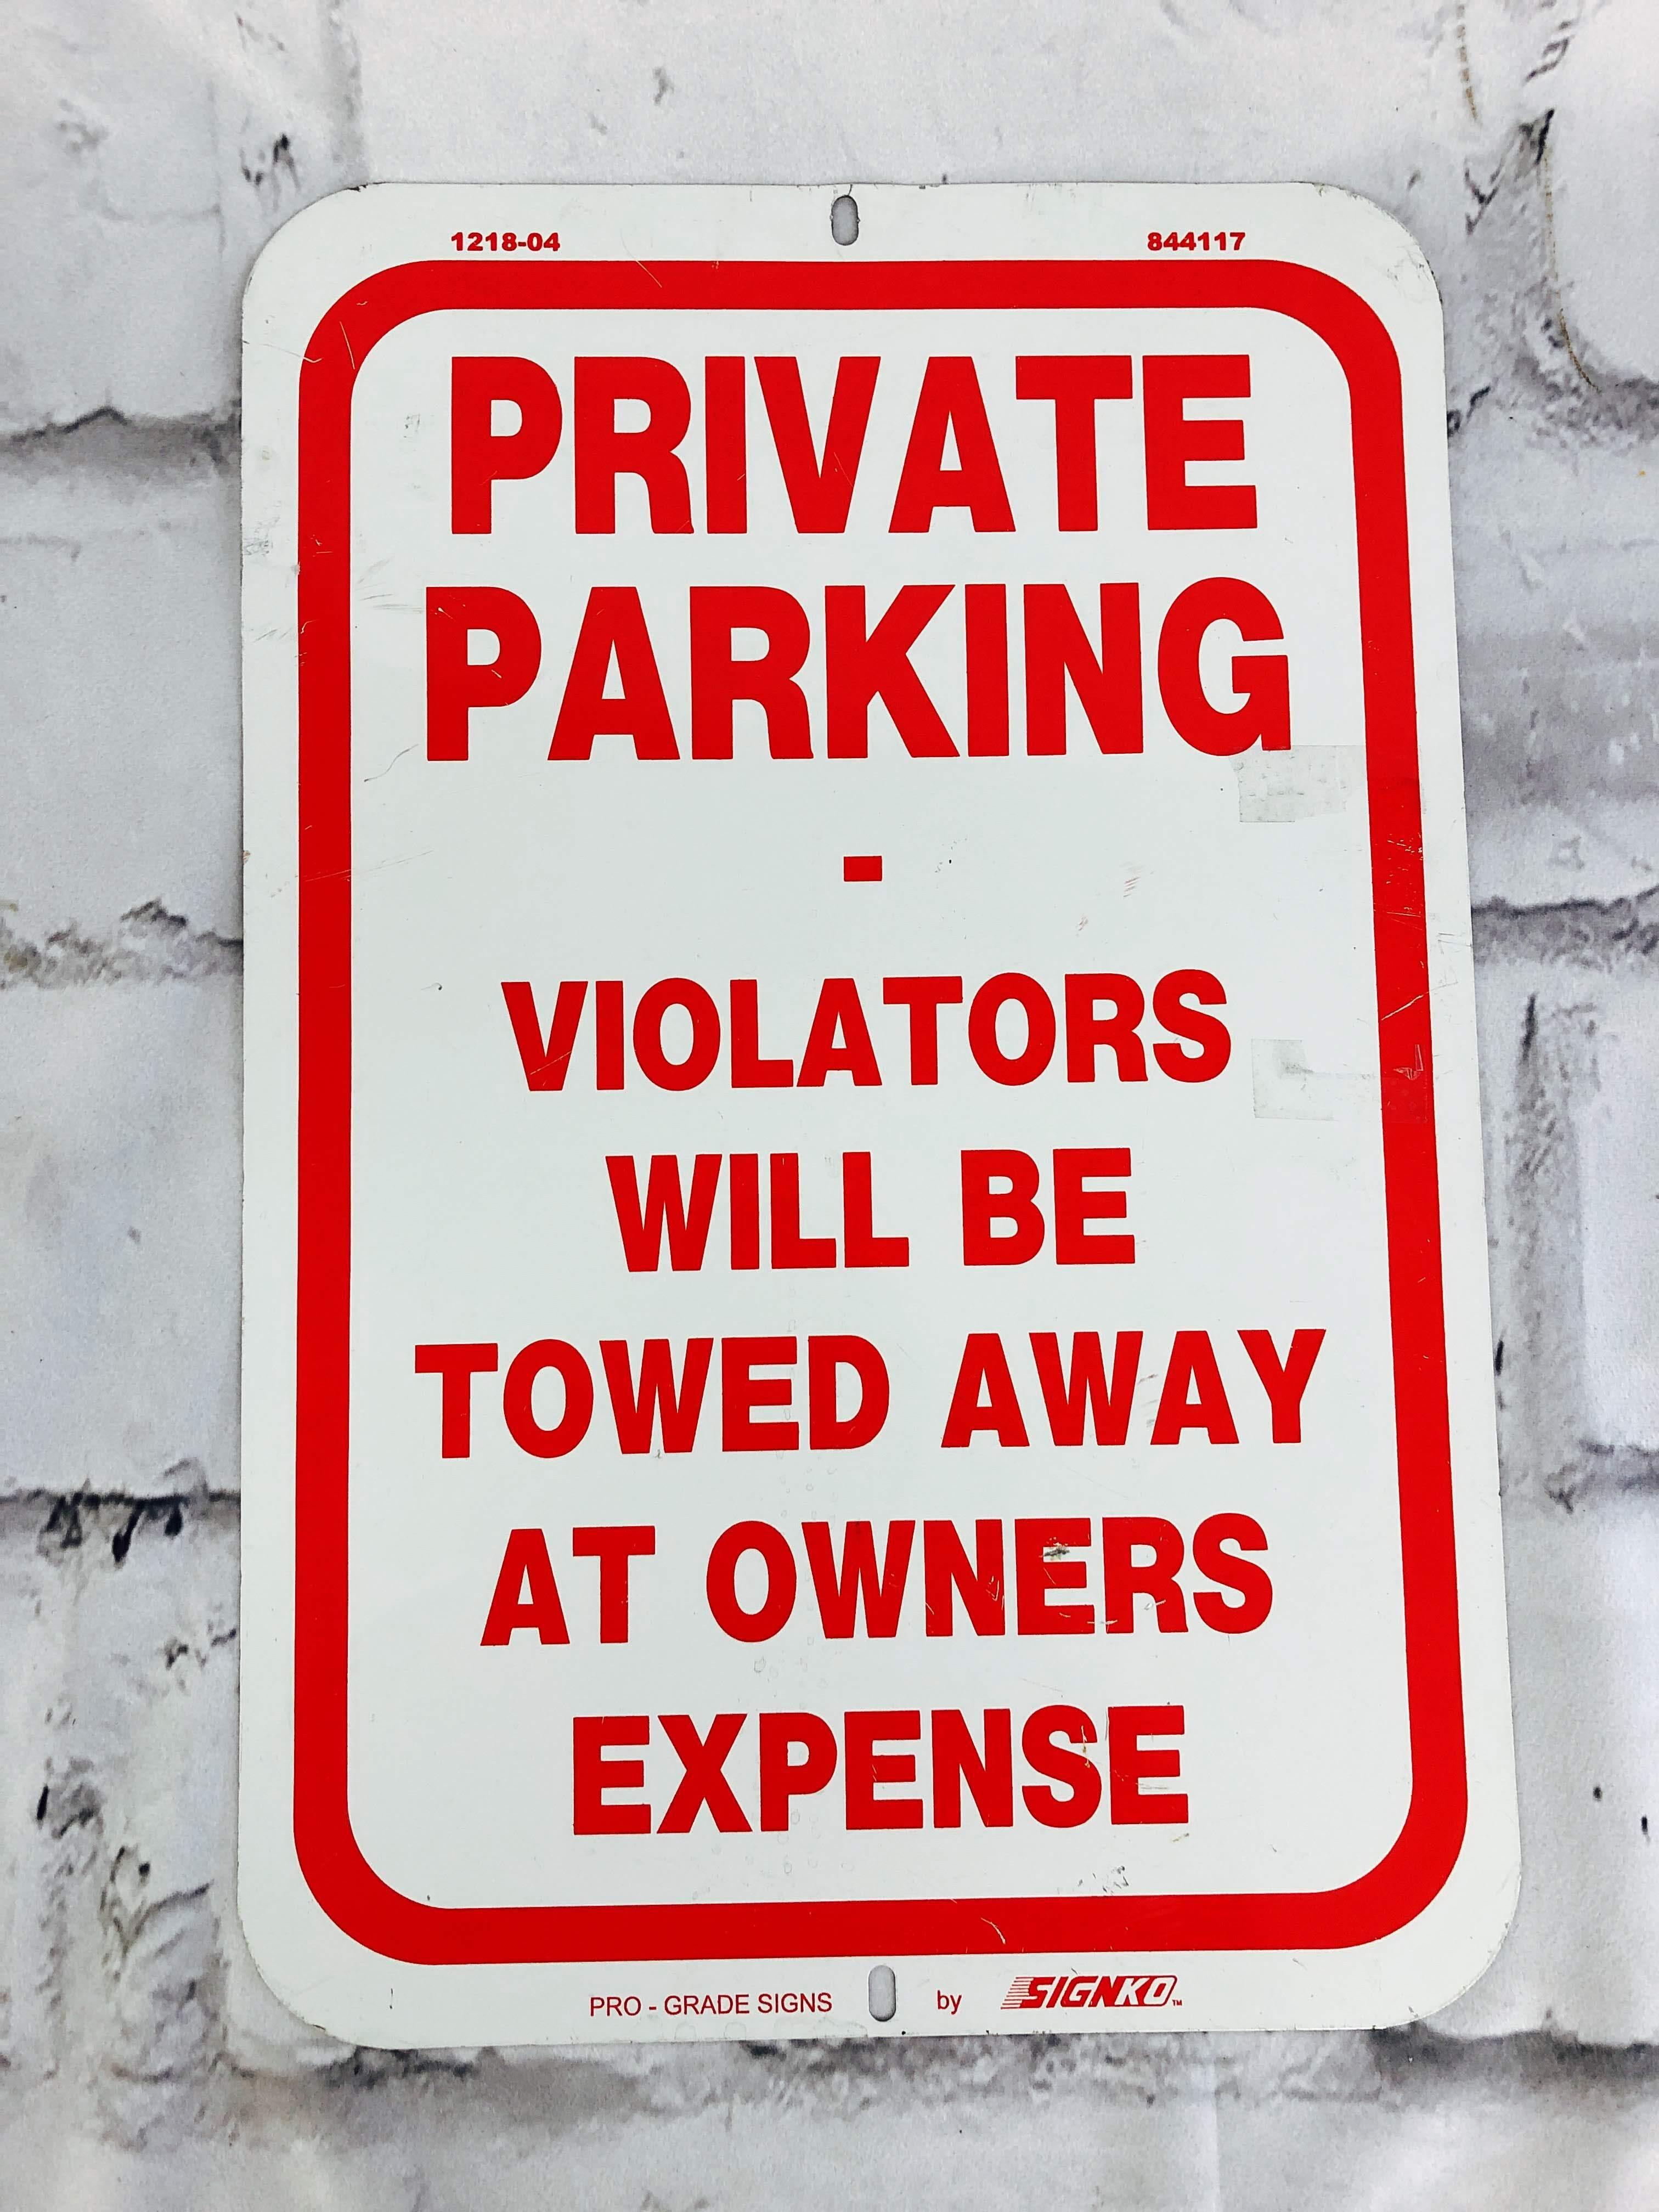 品番6275 道路標識 看板 『PRIVATE PARKING』 ロードサイン サインプレート アメリカンヴィンテージ